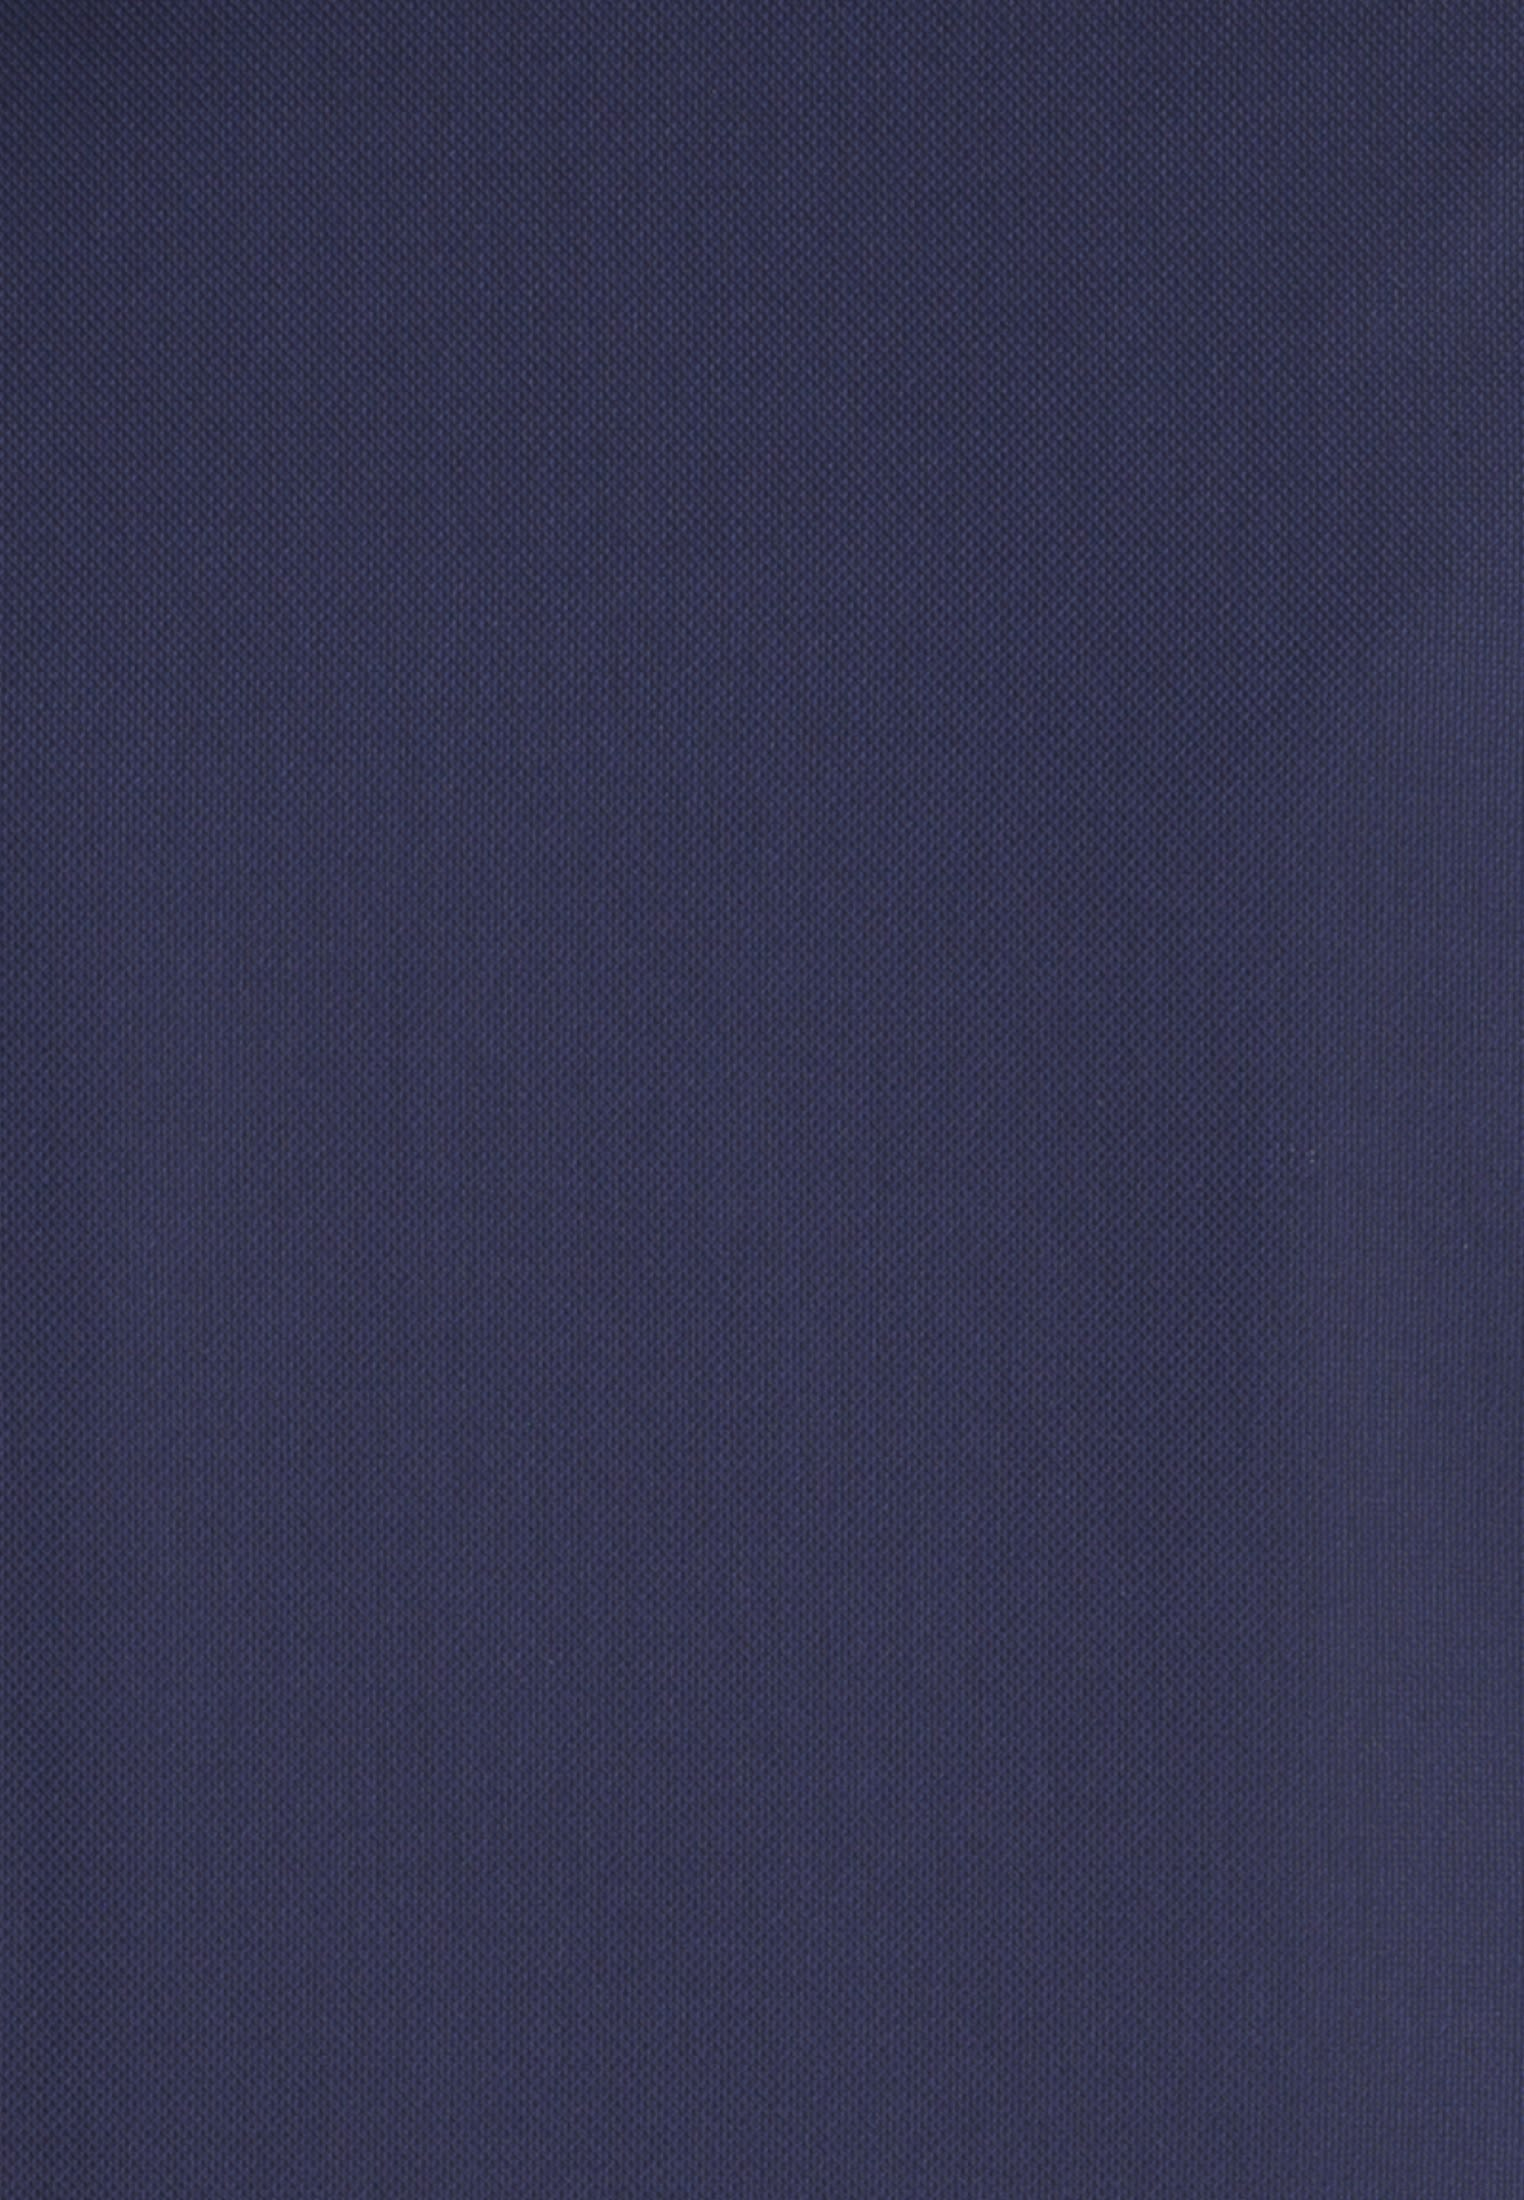 Struktur Business Hemd in Slim Fit mit Haifischkragen in Dunkelblau |  Jacques Britt Onlineshop